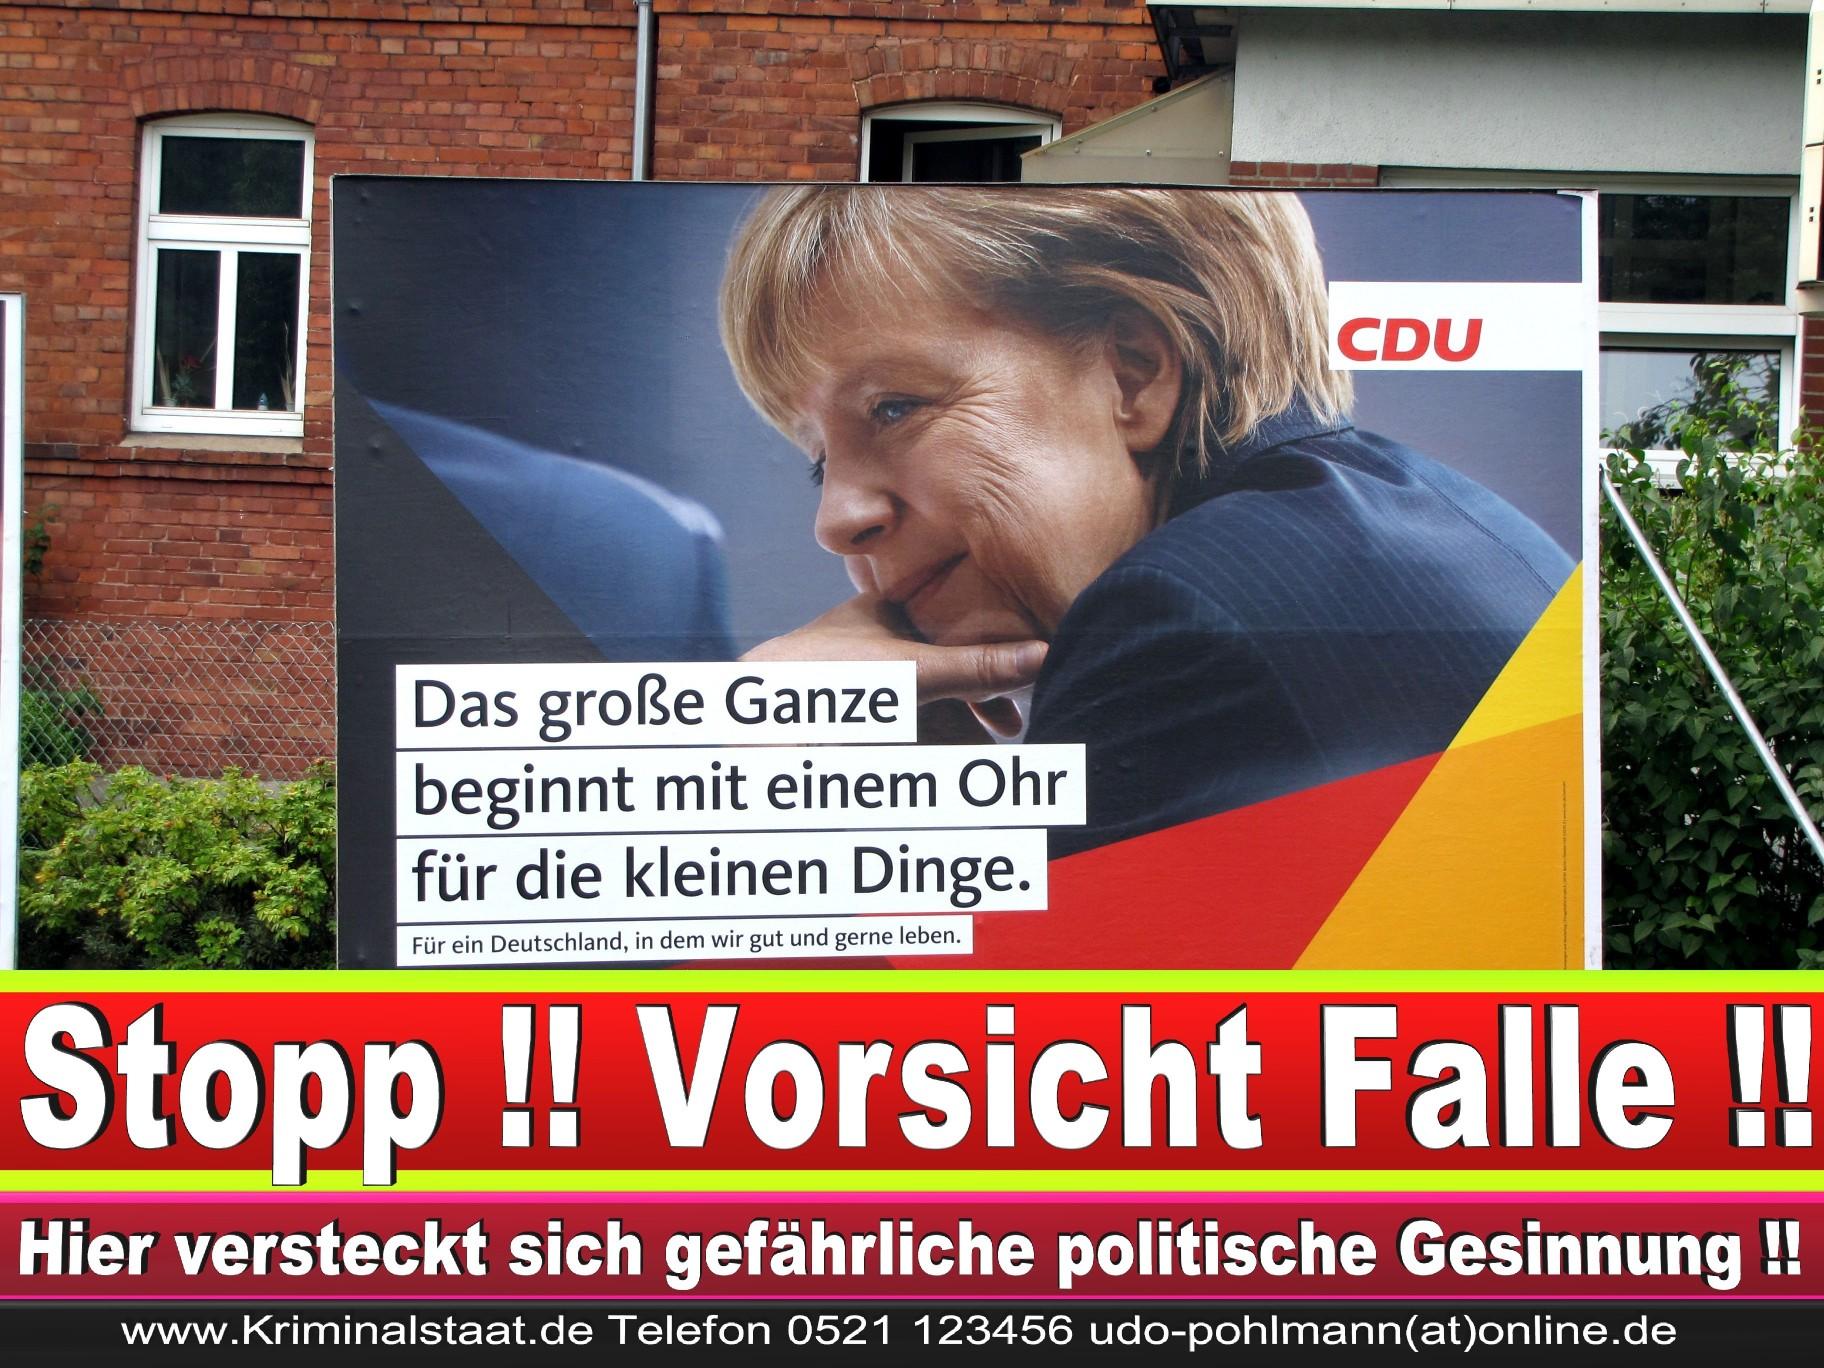 Wahlwerbung Wahlplakate Landtagswahl 2019 Europawahl CDU SPD FDP 2021 (67)